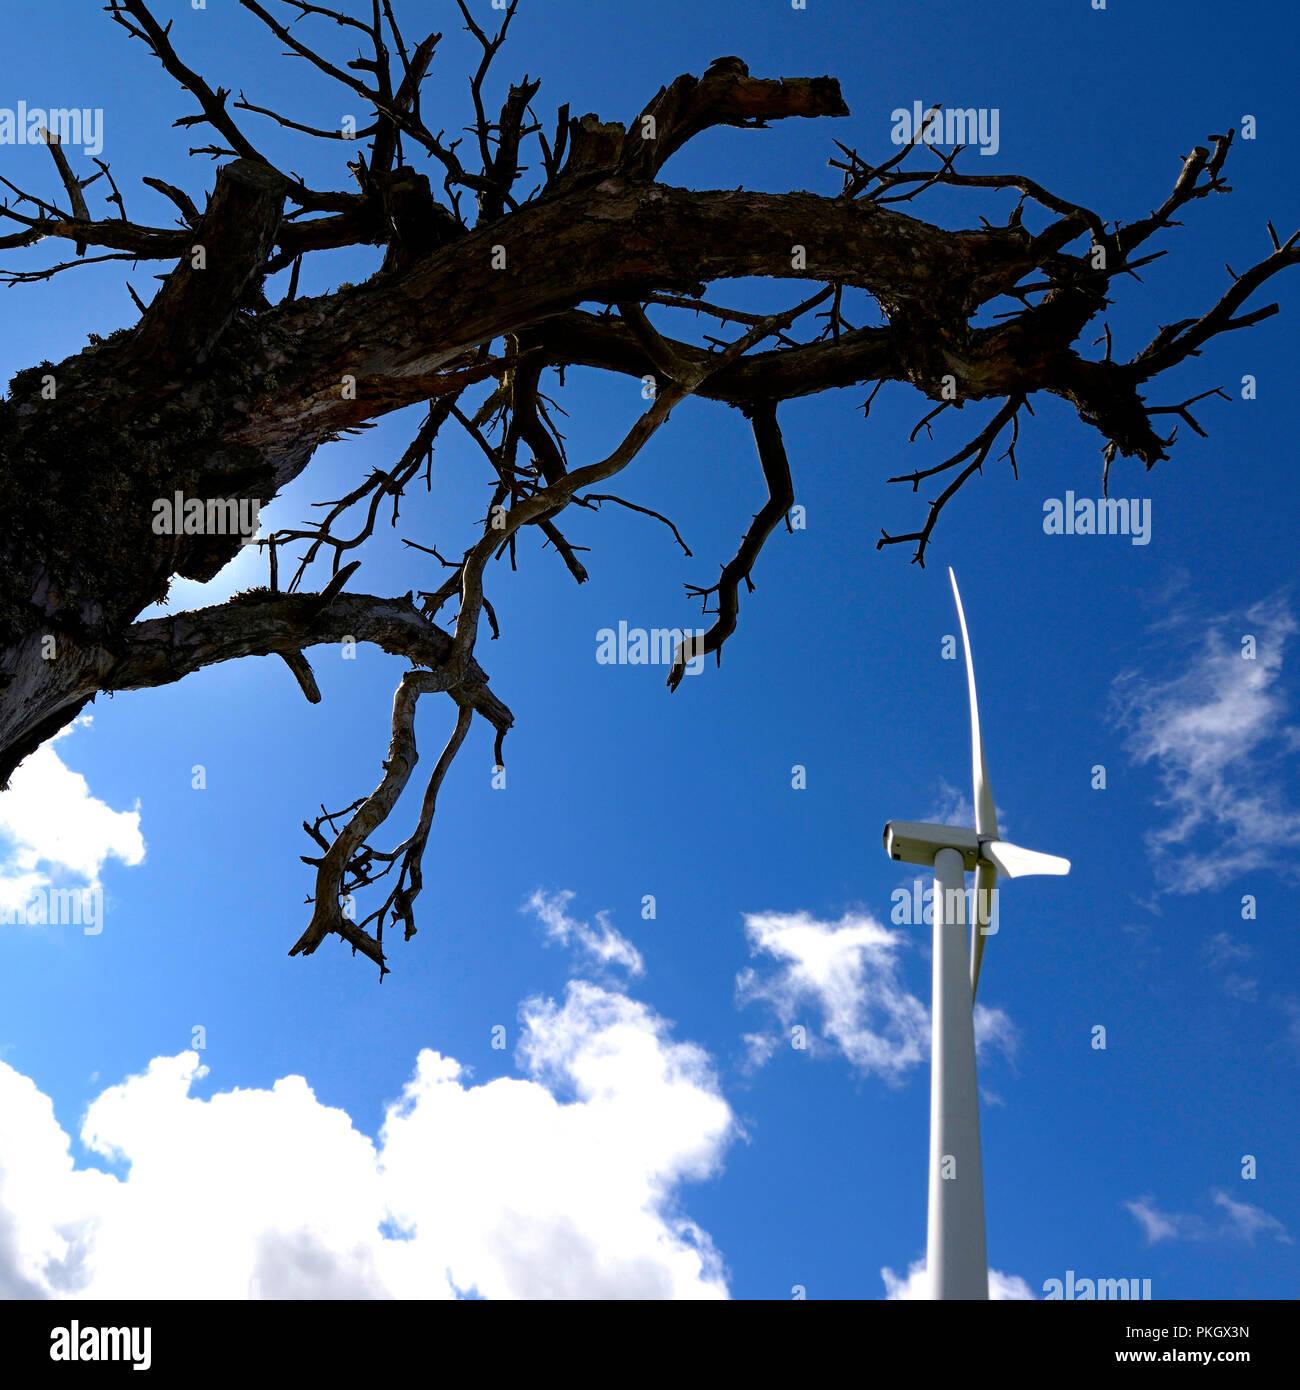 Vue de dessous du haut d'un arbre mort et d'une éolienne sur un fond de ciel bleu, département Puy de Dome, Auvergne Rhone Alpes, Fran Photo Stock